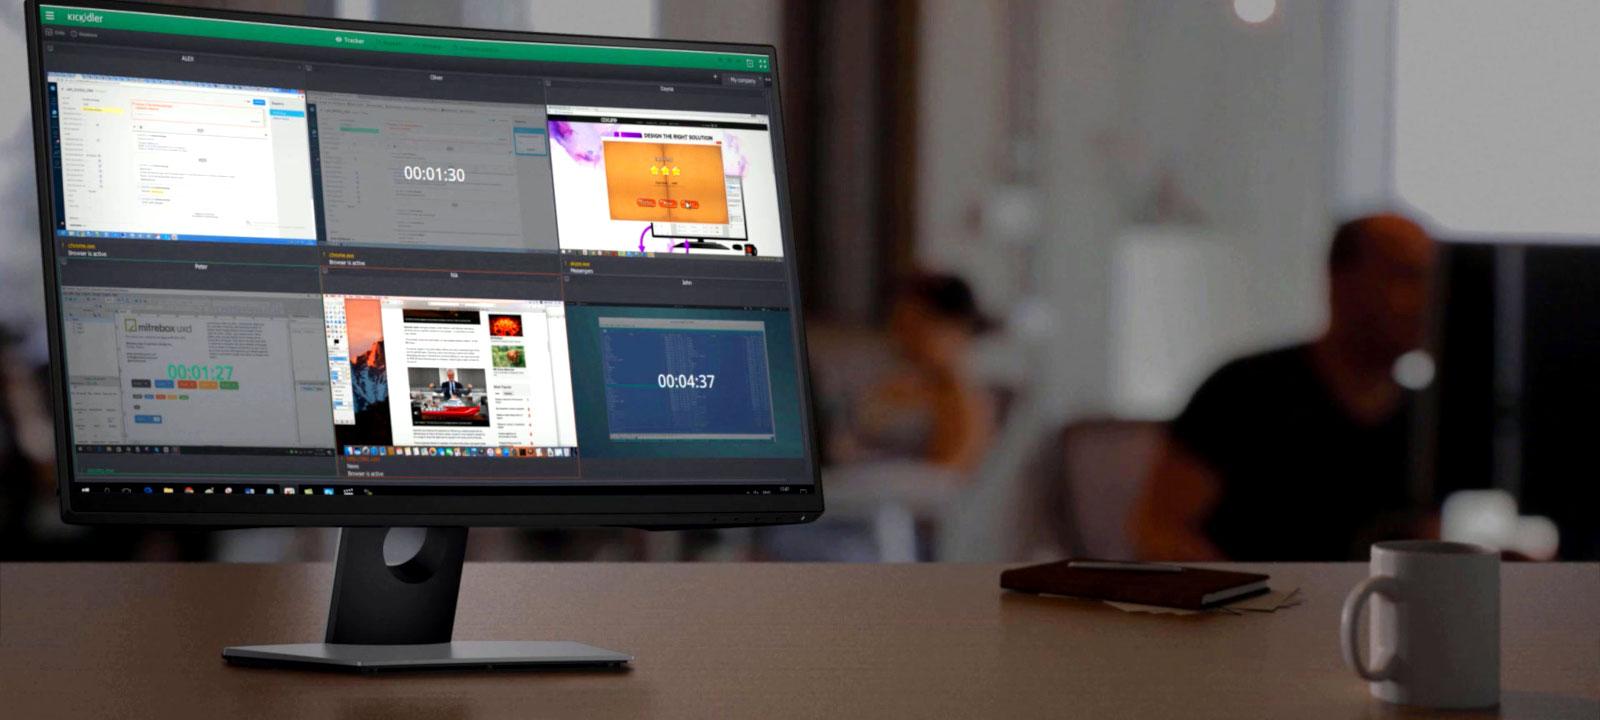 Мониторинг рабочего времени и активности пользователей